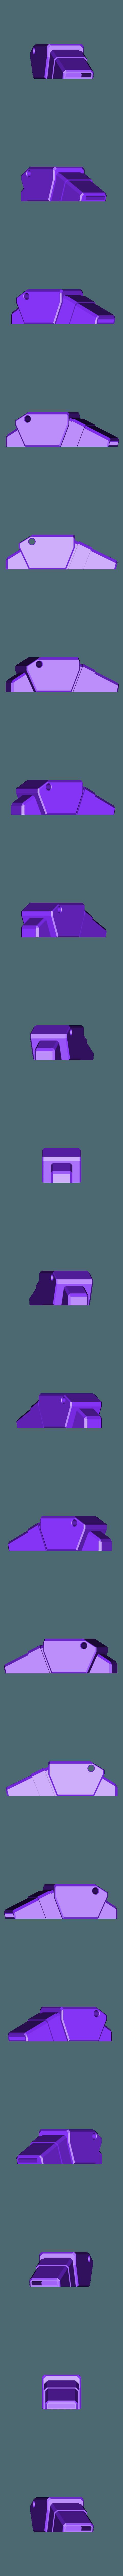 Foot-Right-Blue.stl Télécharger fichier STL gratuit Big Optimus Prime! - Modèle multi-matériaux • Plan pour imprimante 3D, ChaosCoreTech